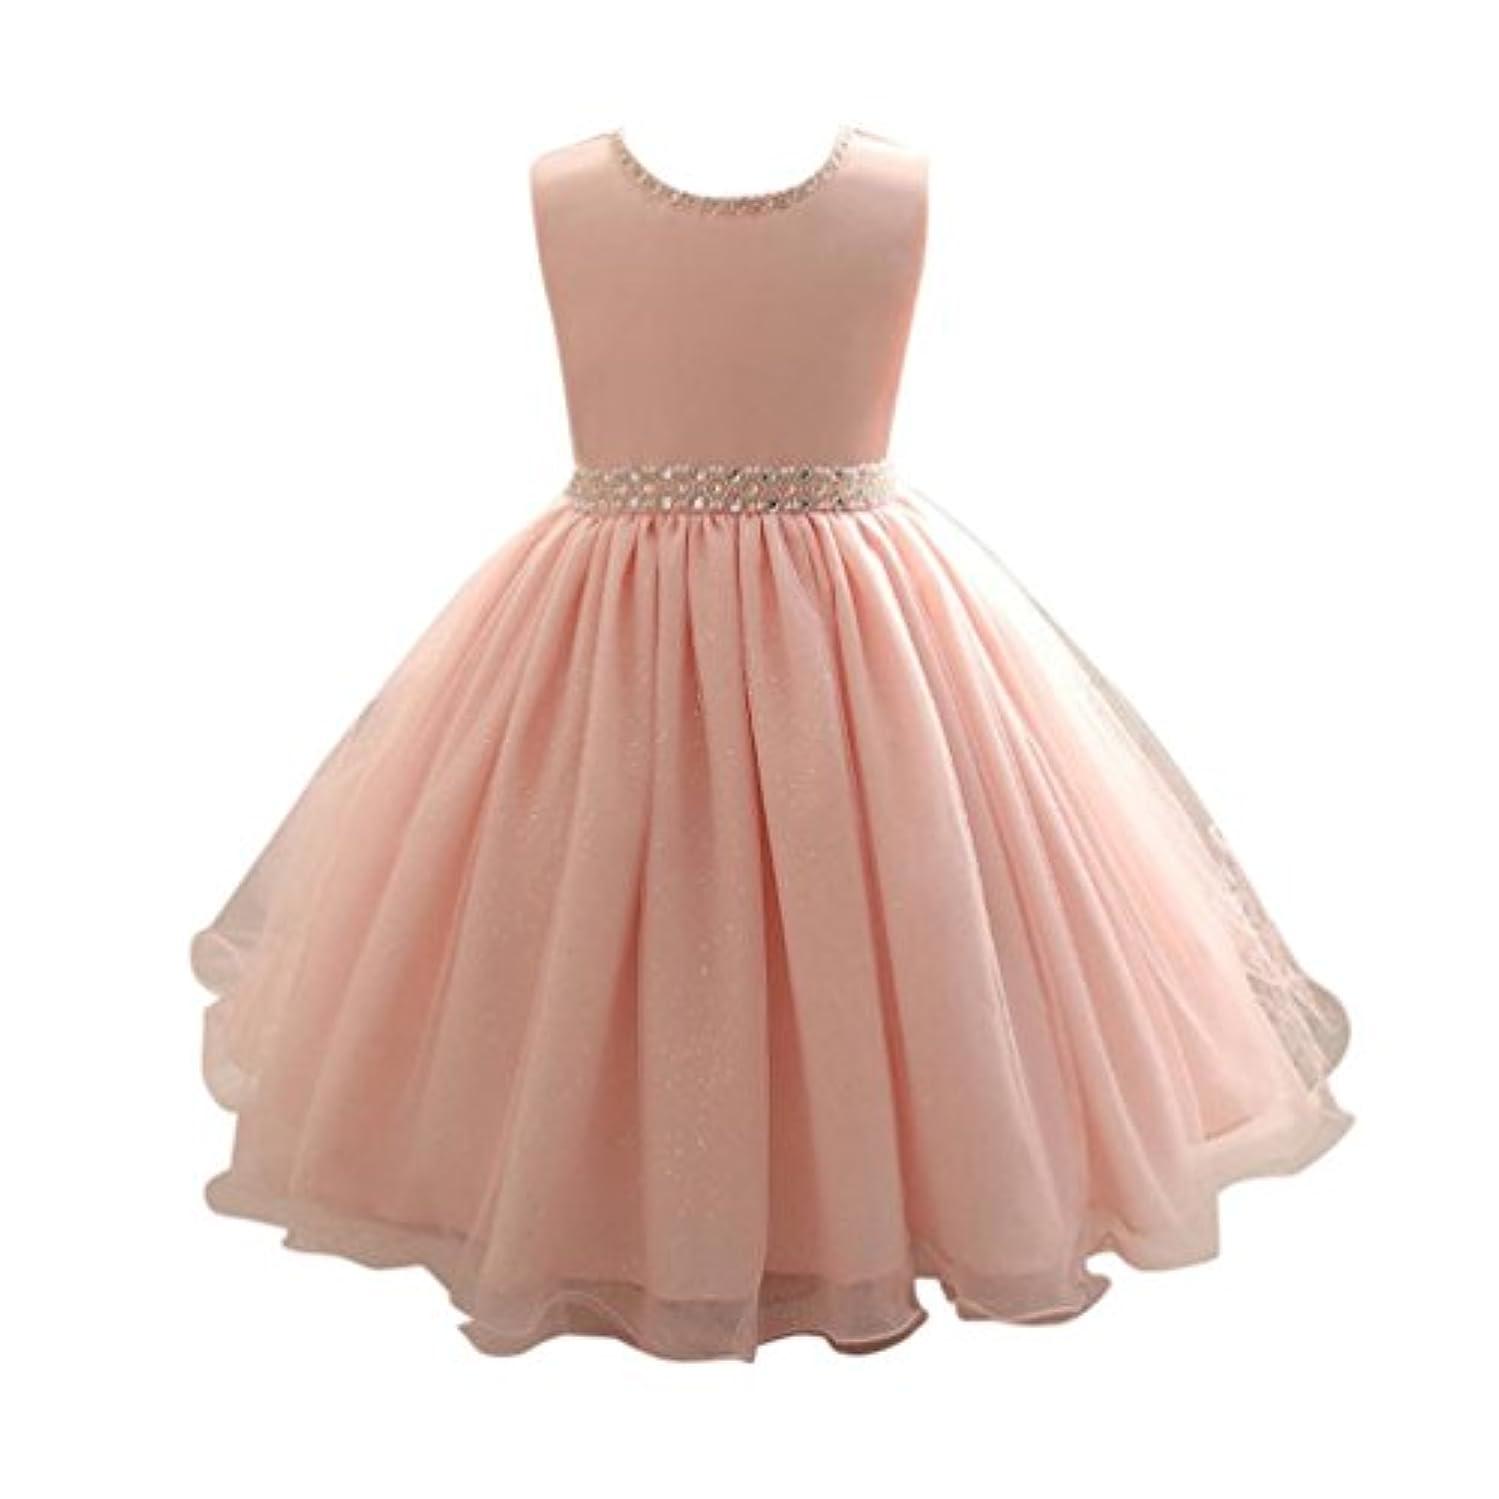 女の子晩ごはんレベルMhomzawa 子供ドレス 女の子 発表会 子どもドレス 結婚式 お呼ばれ キッズ プリンセス こどもフラワーガール 花柄 子ども服